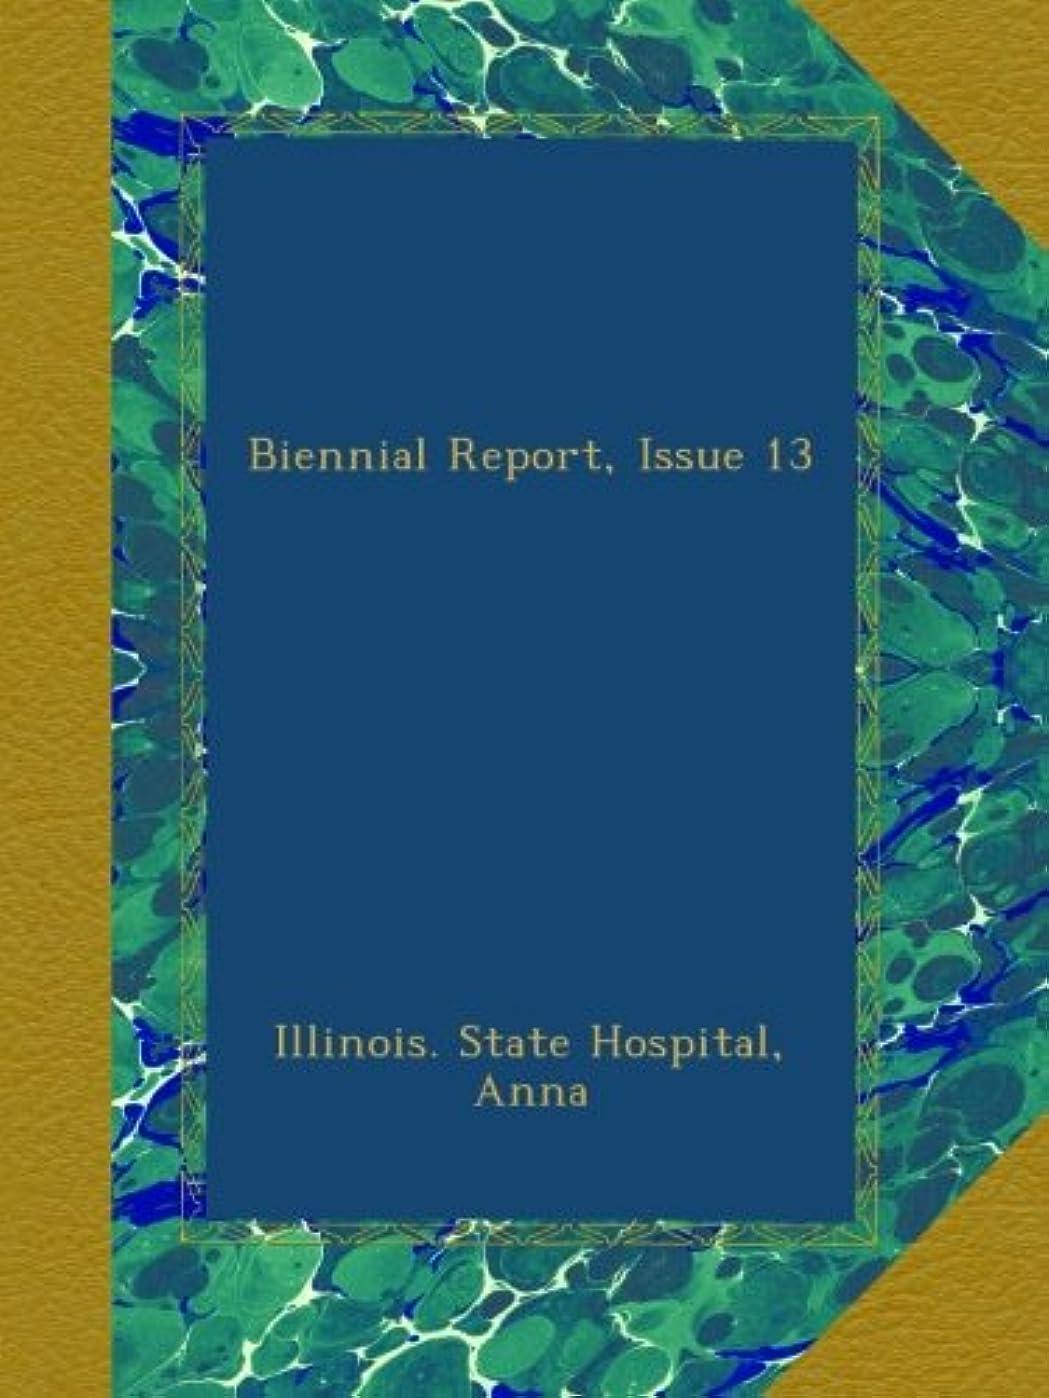 マガジンマインドウッズBiennial Report, Issue 13